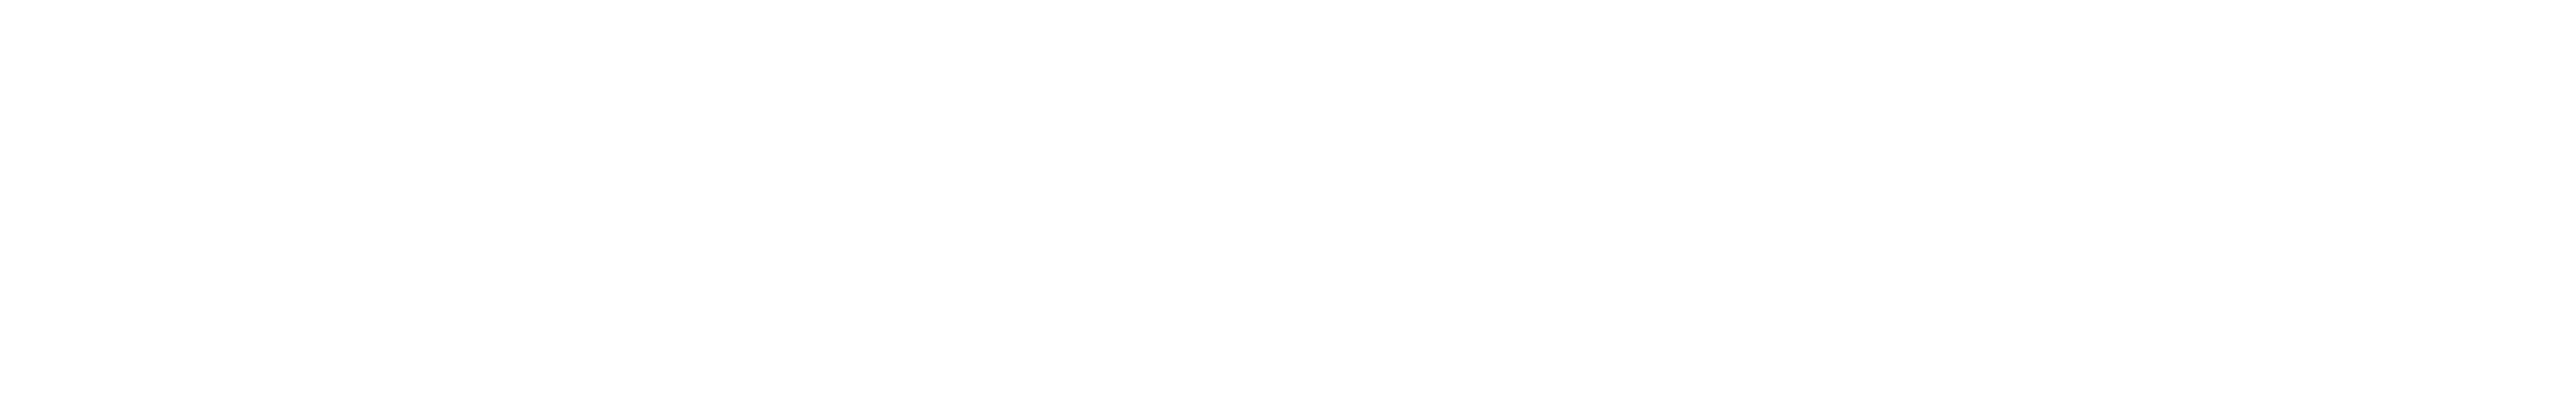 TheNewsMinute Logo